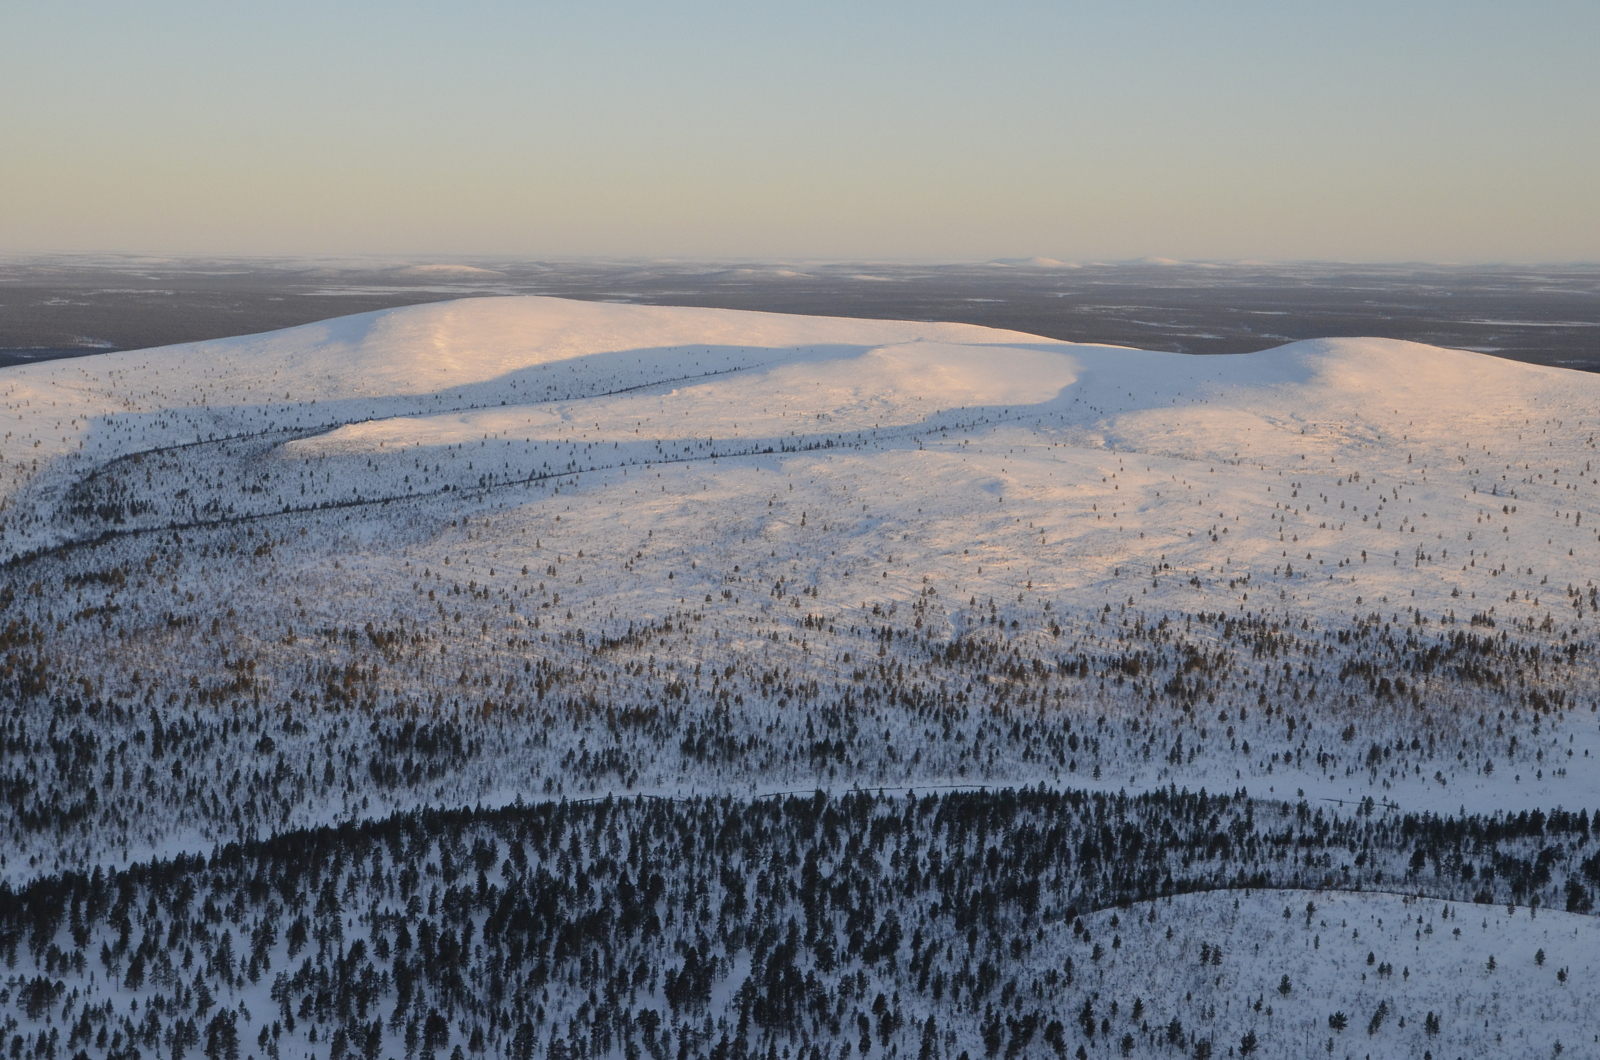 Taaimmainen huippu Kutsuvannonpää. Taustalla Norjan vuoristoa.